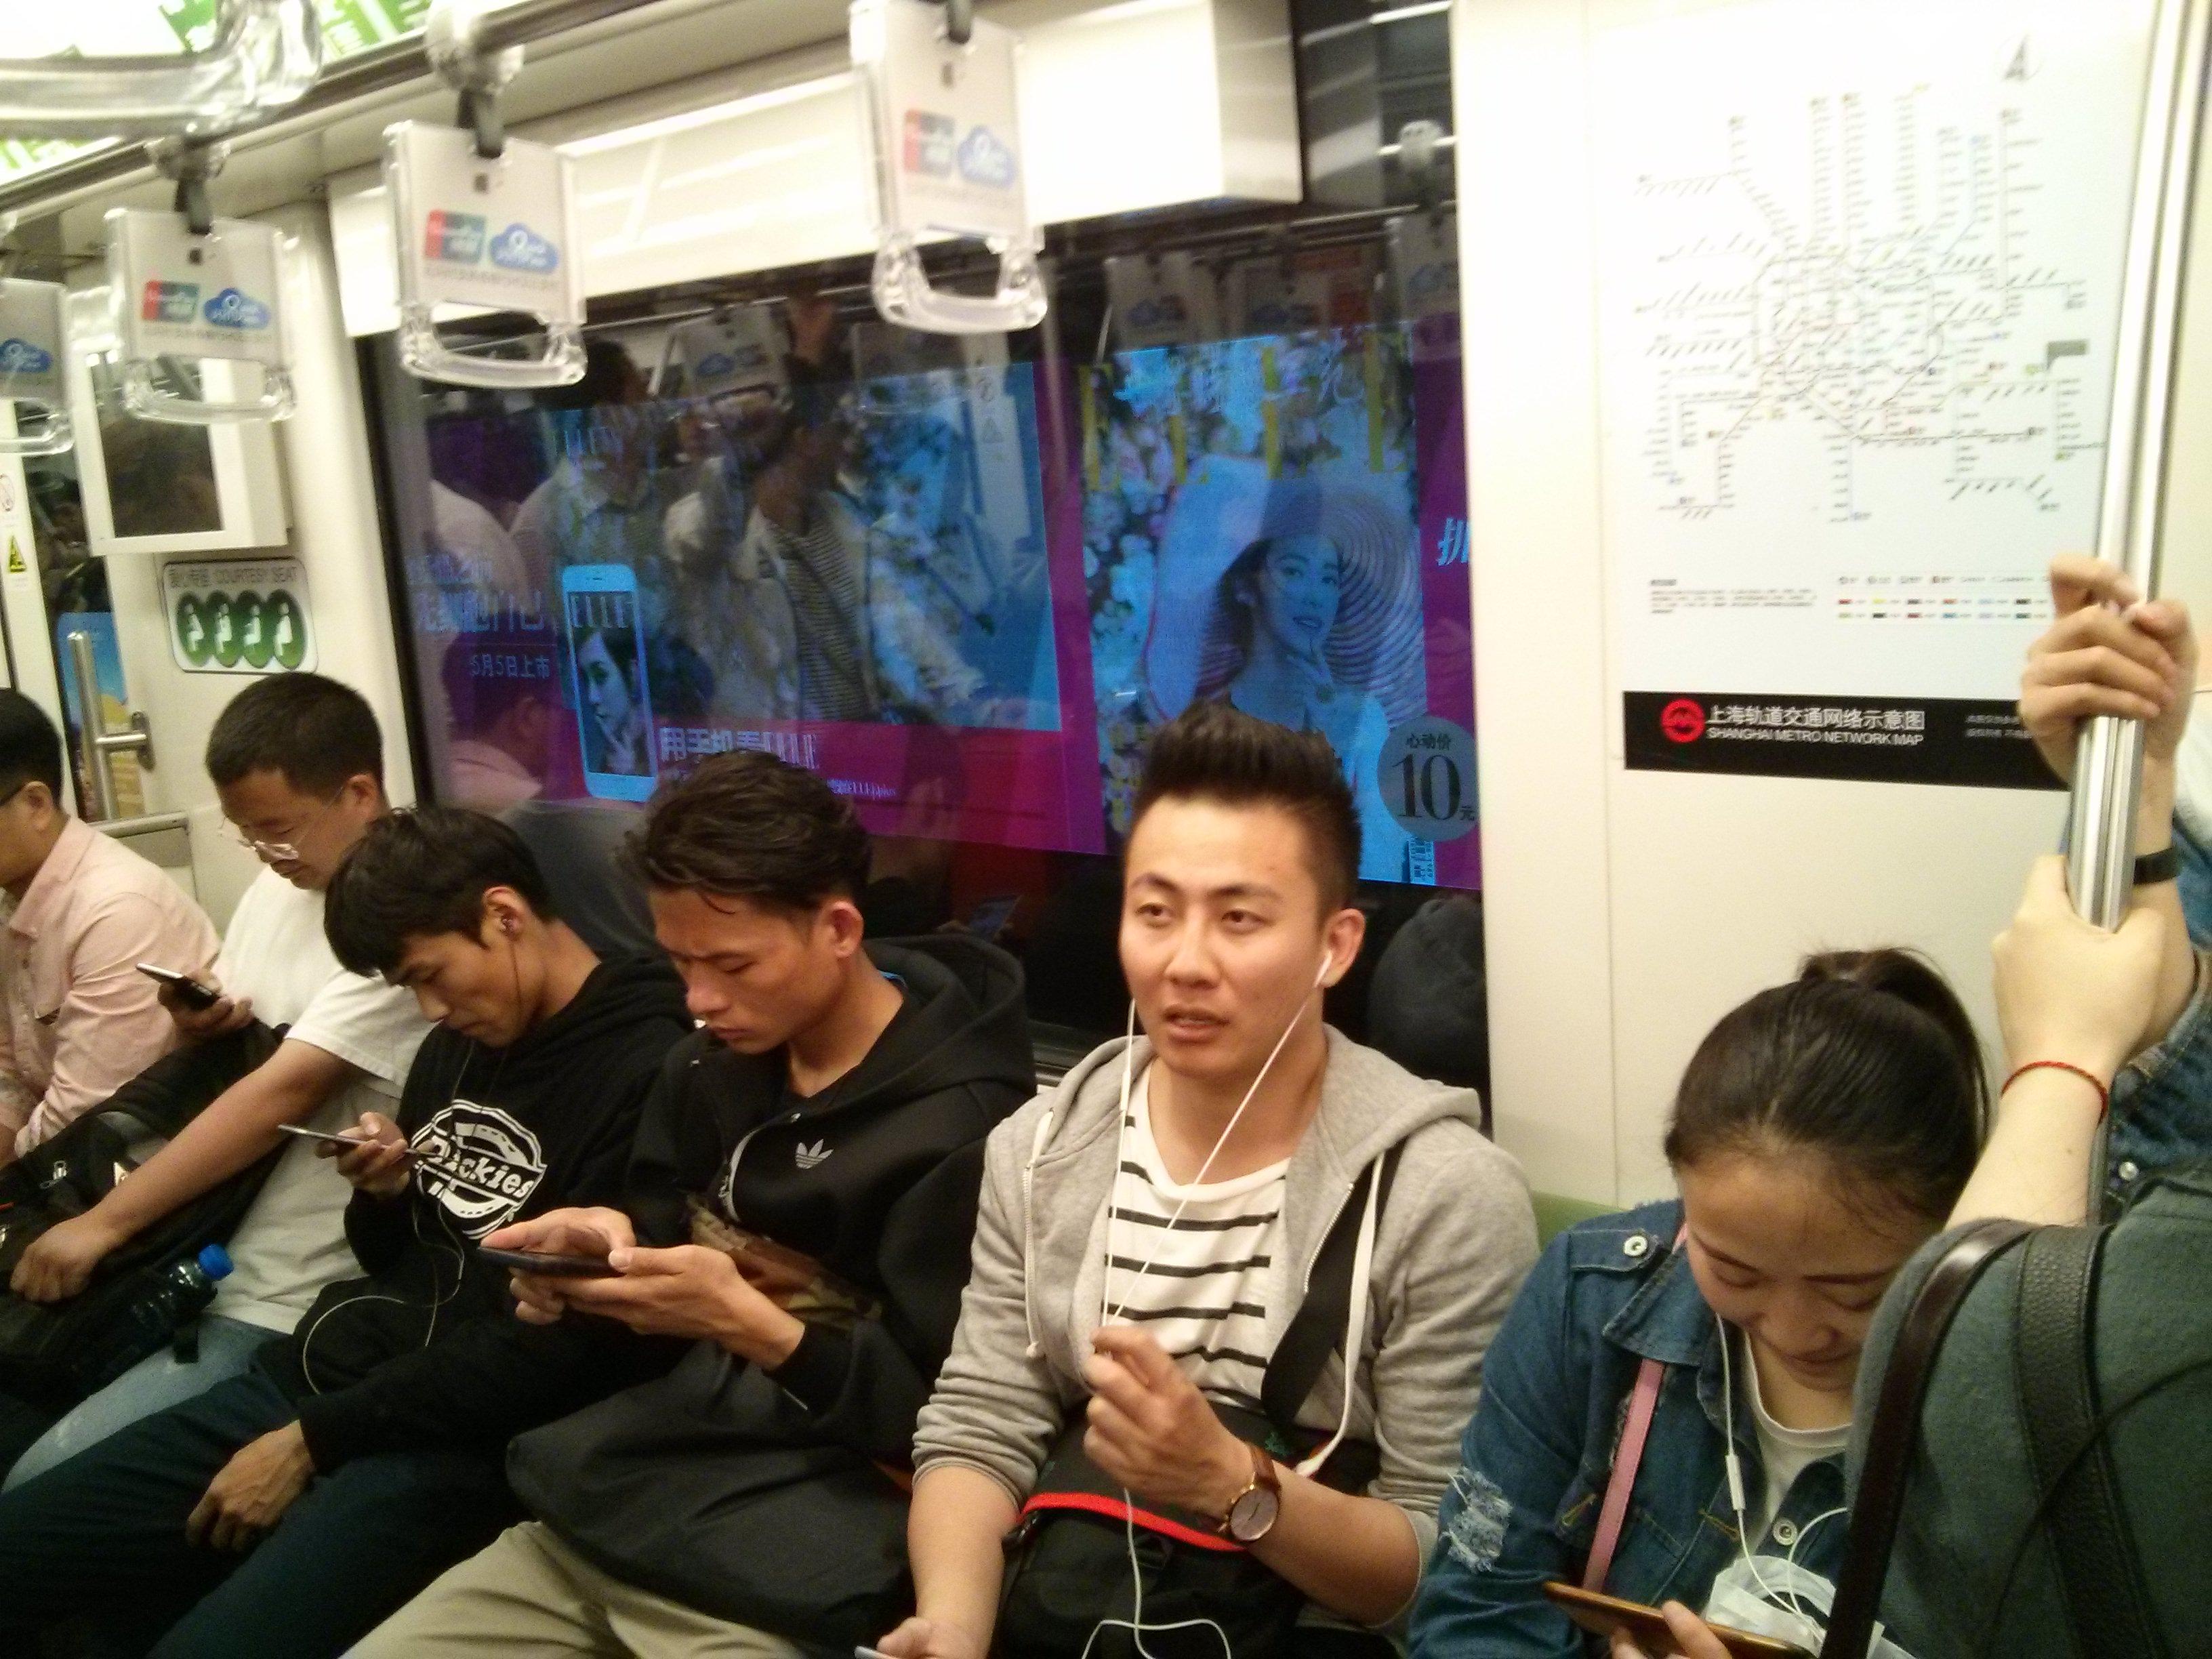 Außenwerbung in der U-Bahn